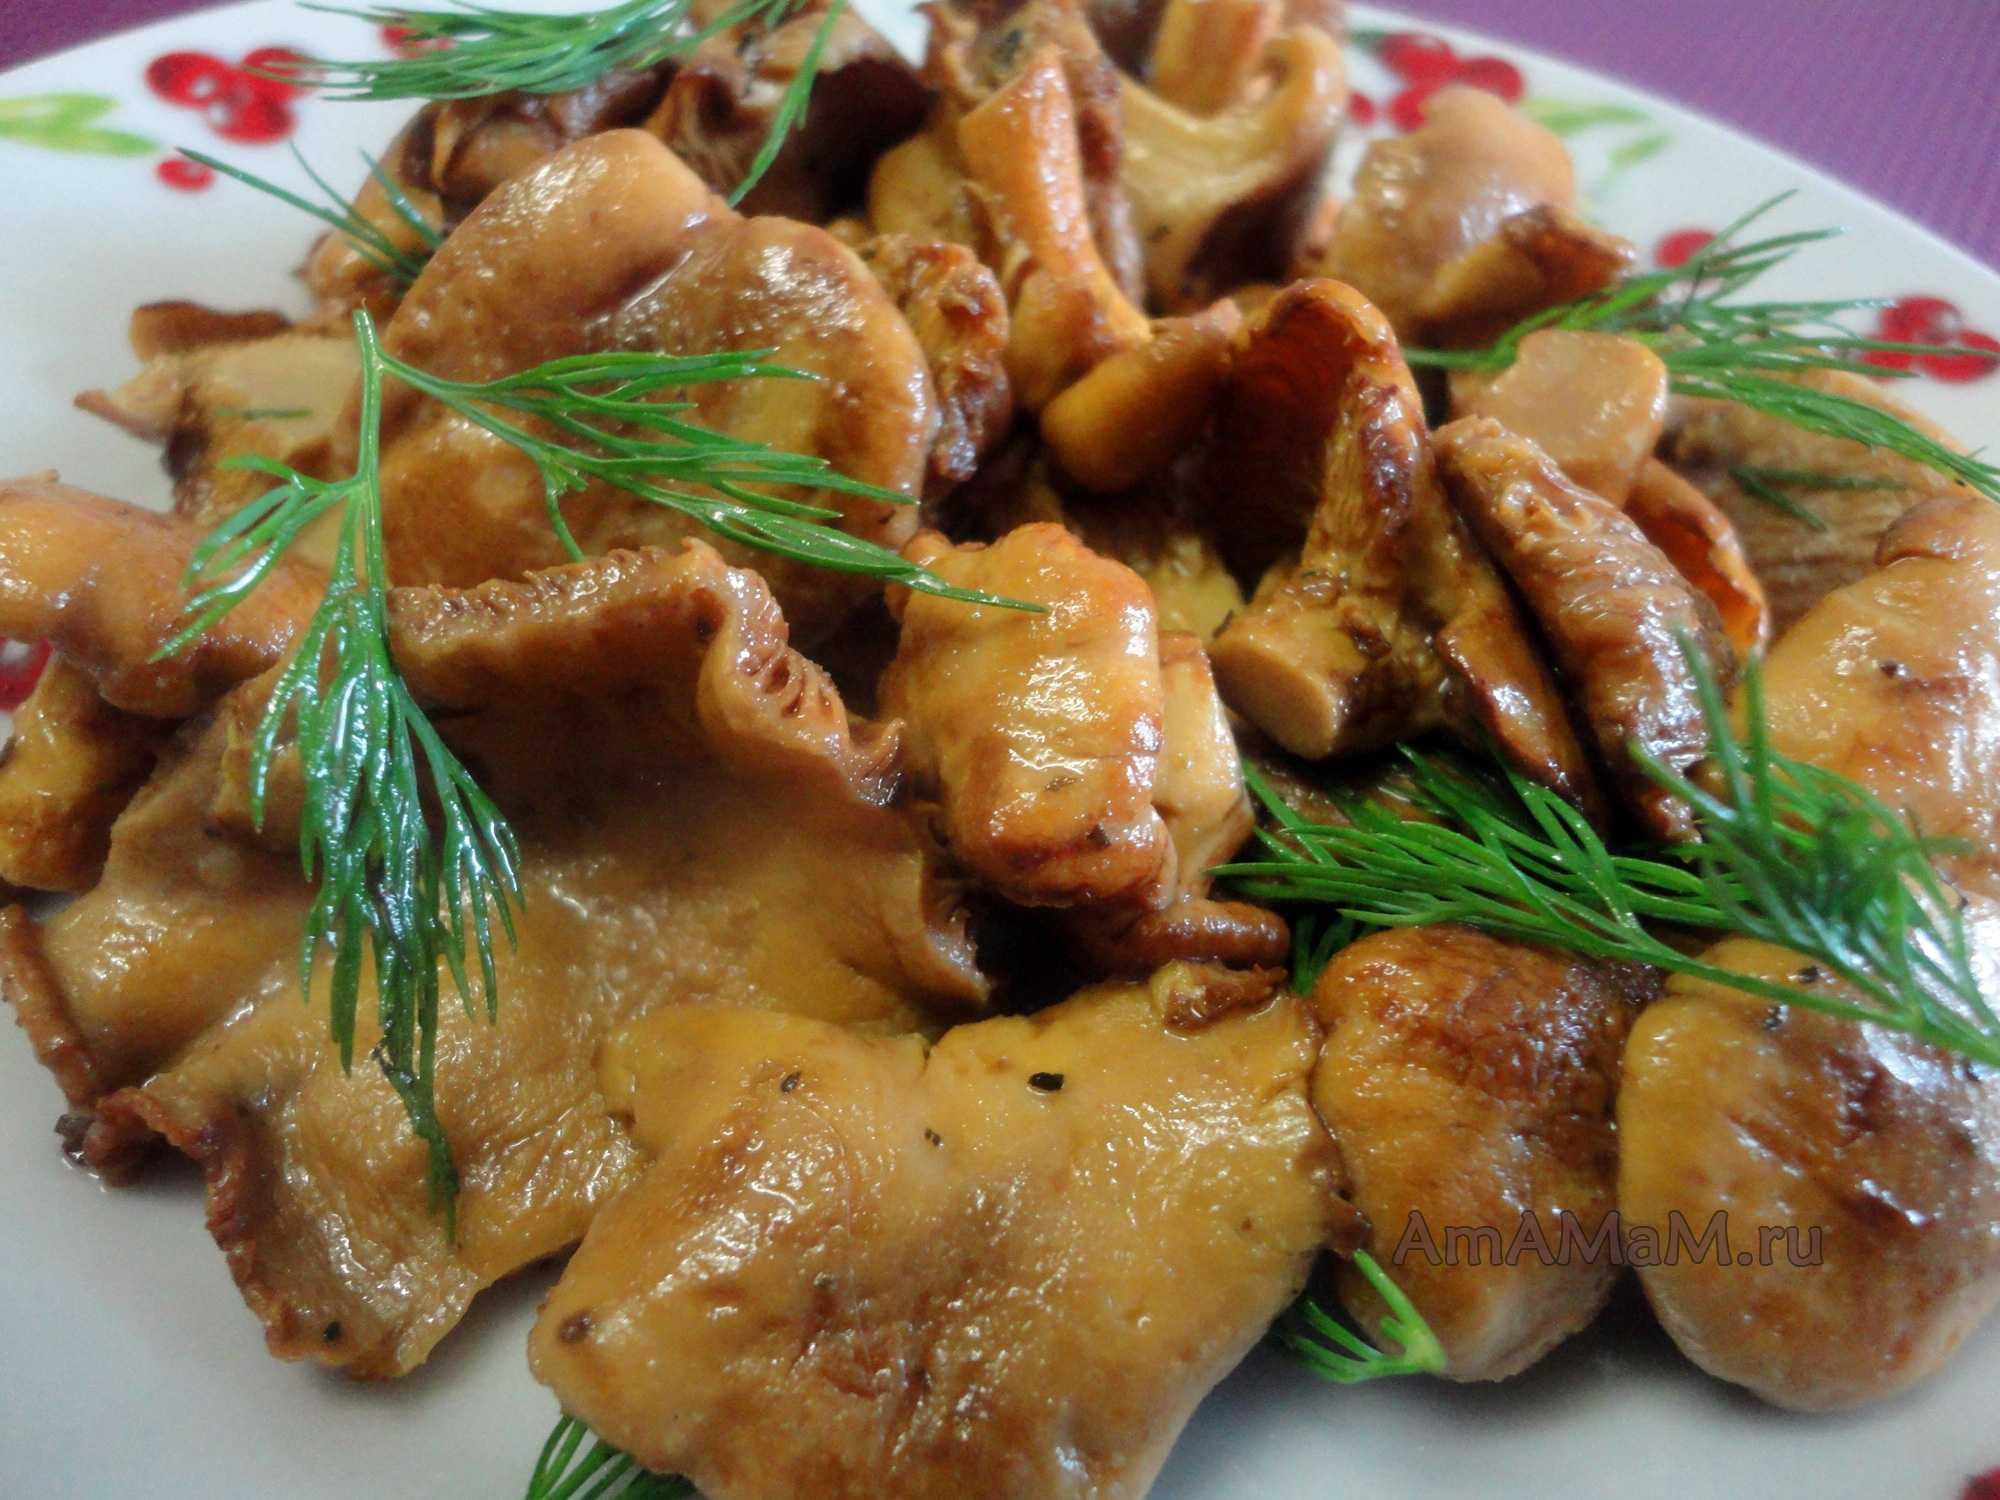 Рецепты с грибами лисичками: приготовление с картошкой на сковороде. как правильно их приготовить